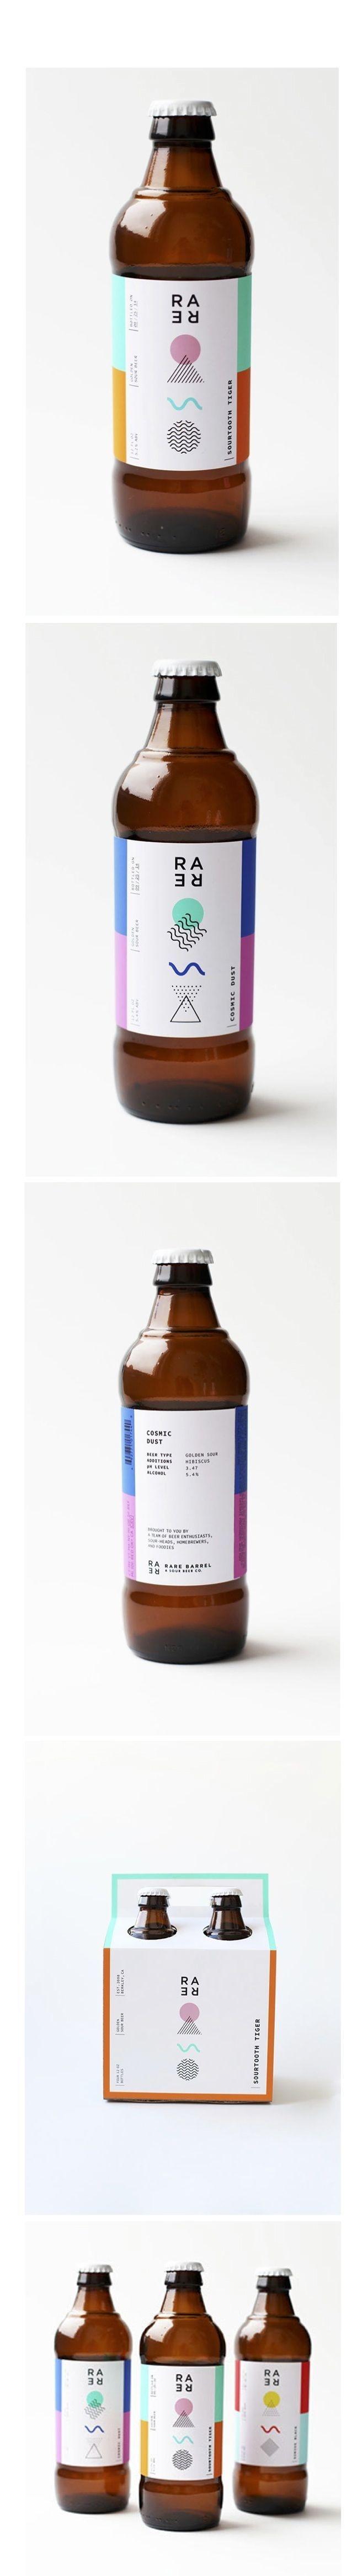 Förpackad -Sveriges största förpackningsblogg Förpackningsdesign, Förpackningar, Grafisk Design » Så 2014 - CAP&Design - Nordens stö #beer #bottle